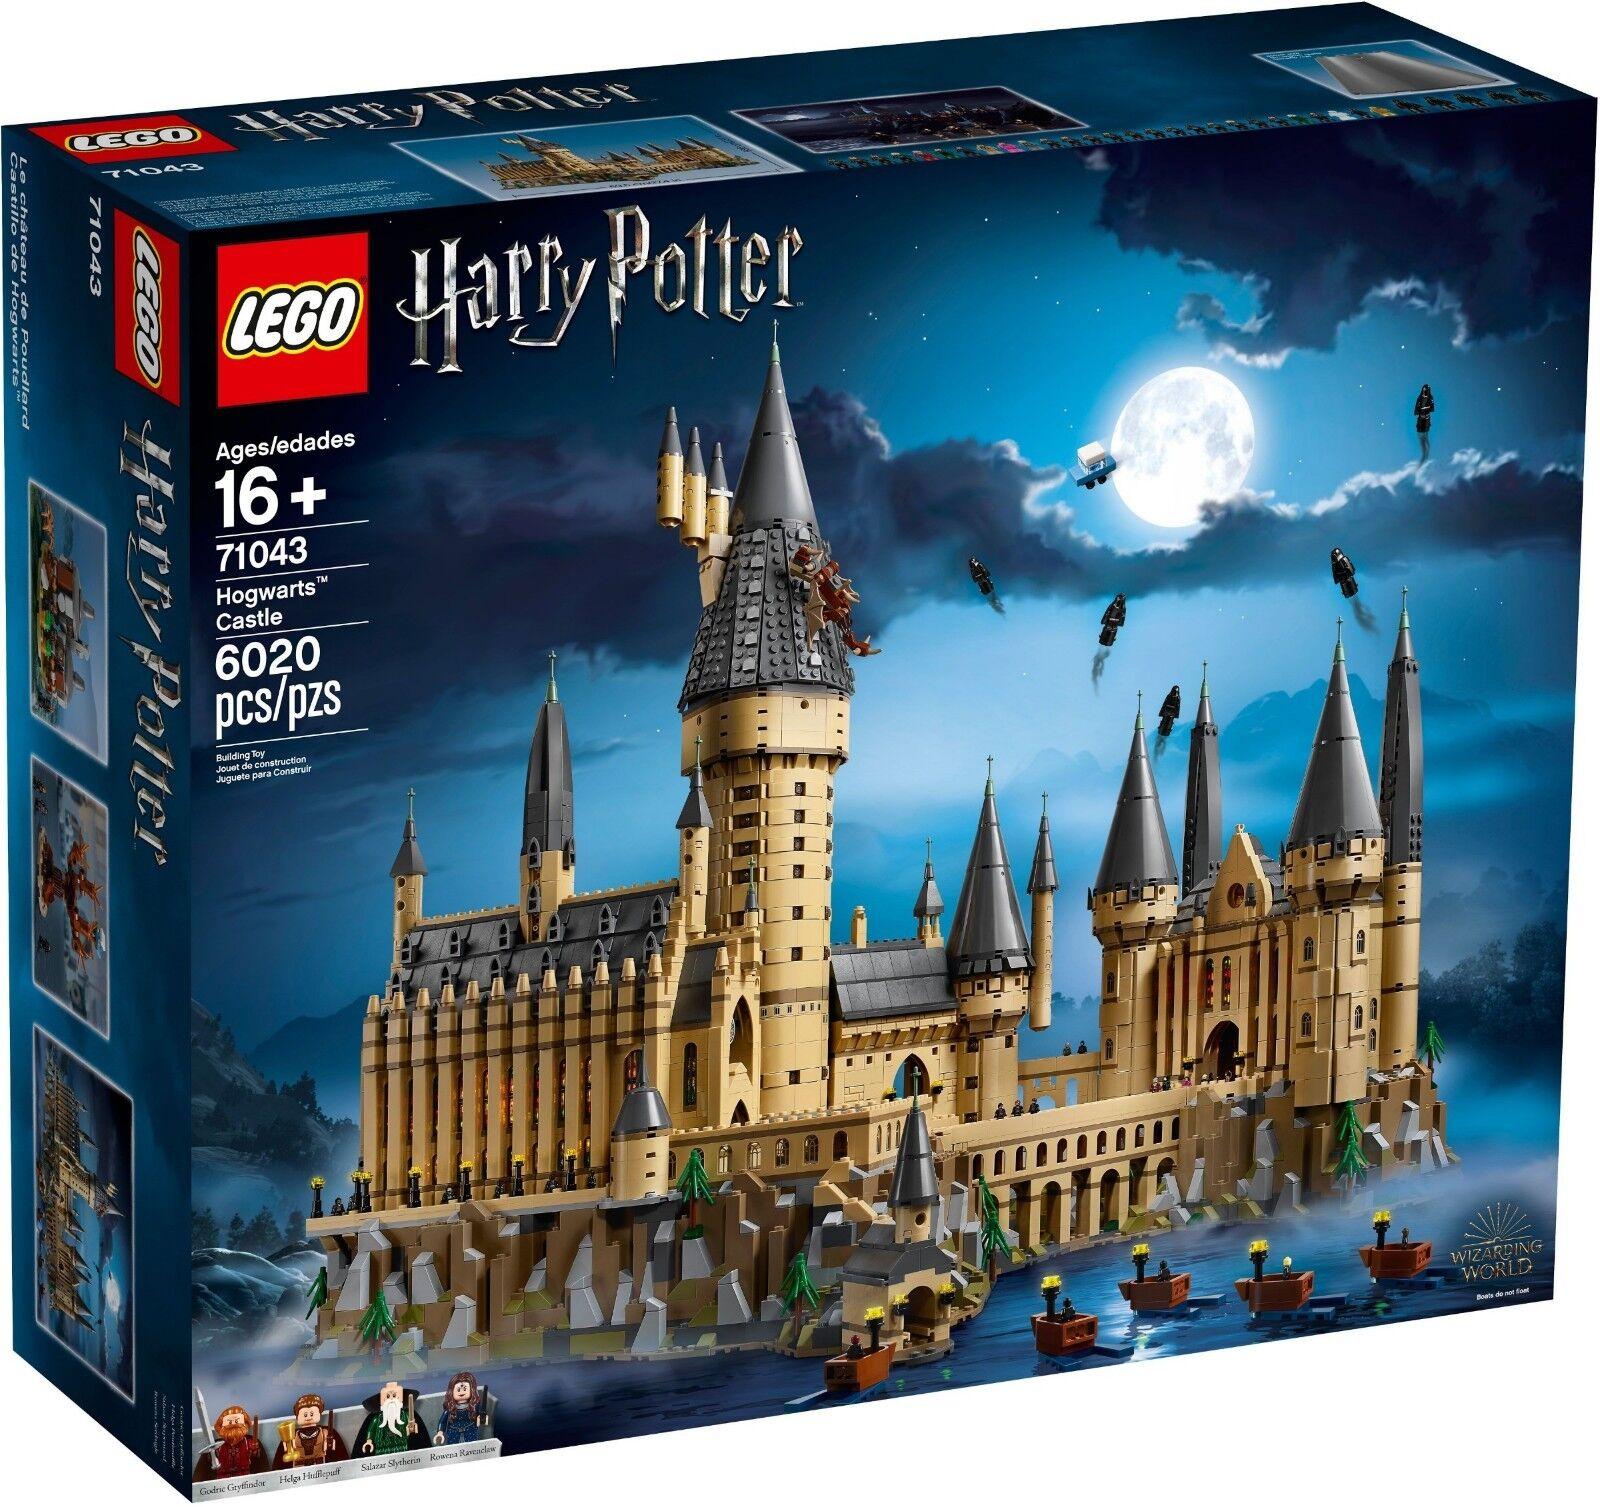 Lego Harry Potter 71043 château Poudlard CASTLE Le château de Poudlard Exclusive